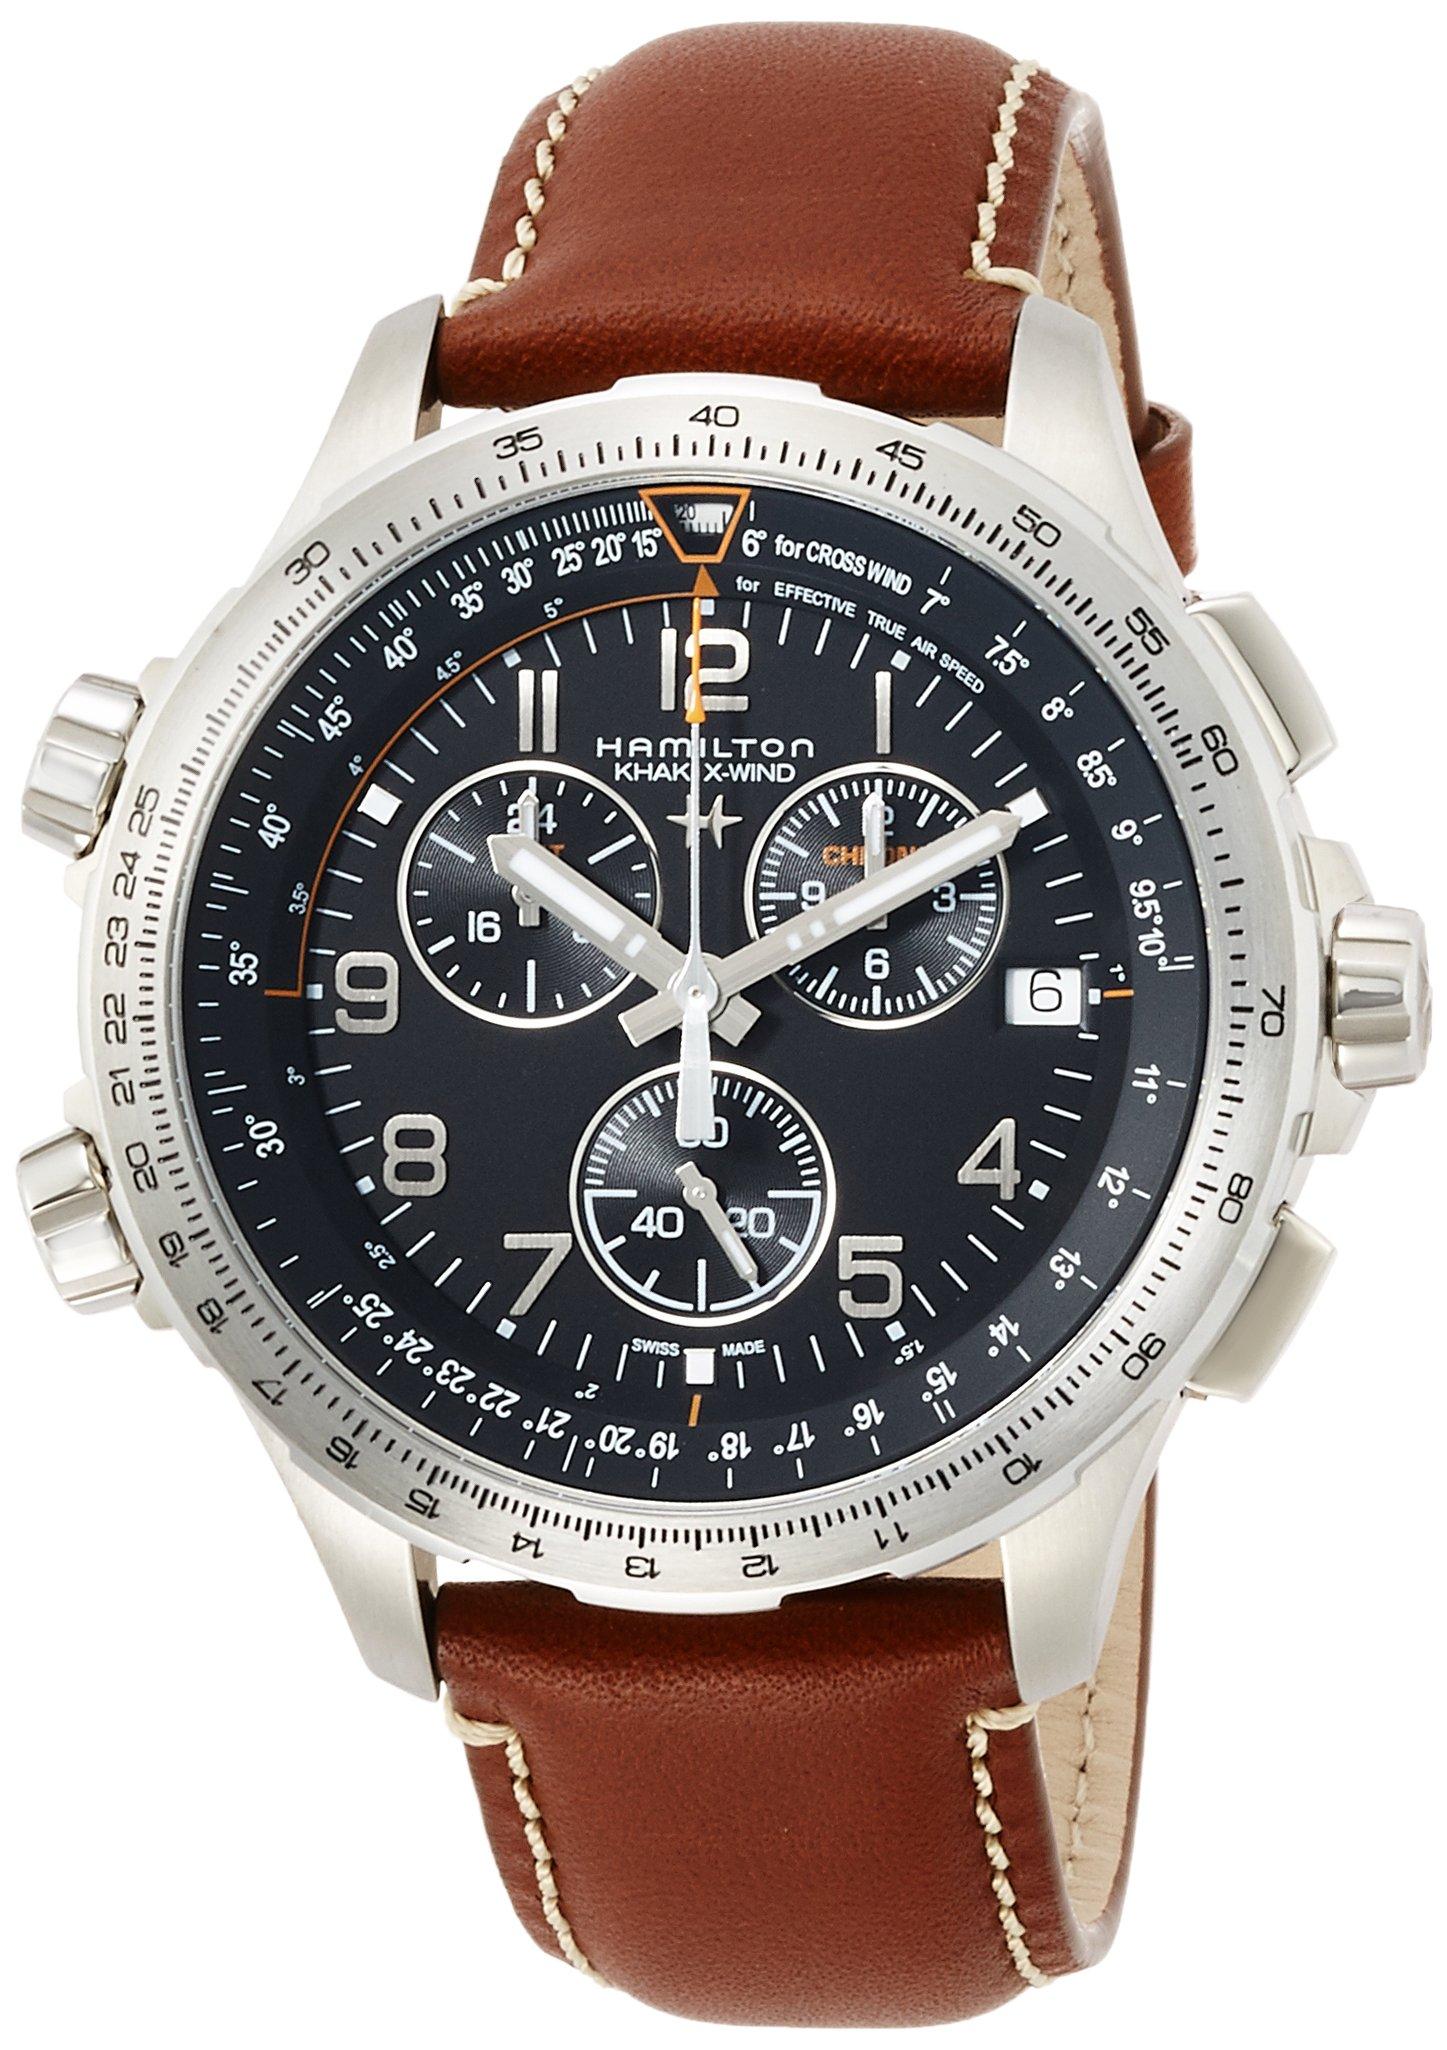 Reloj Hamilton – Hombre H77912535